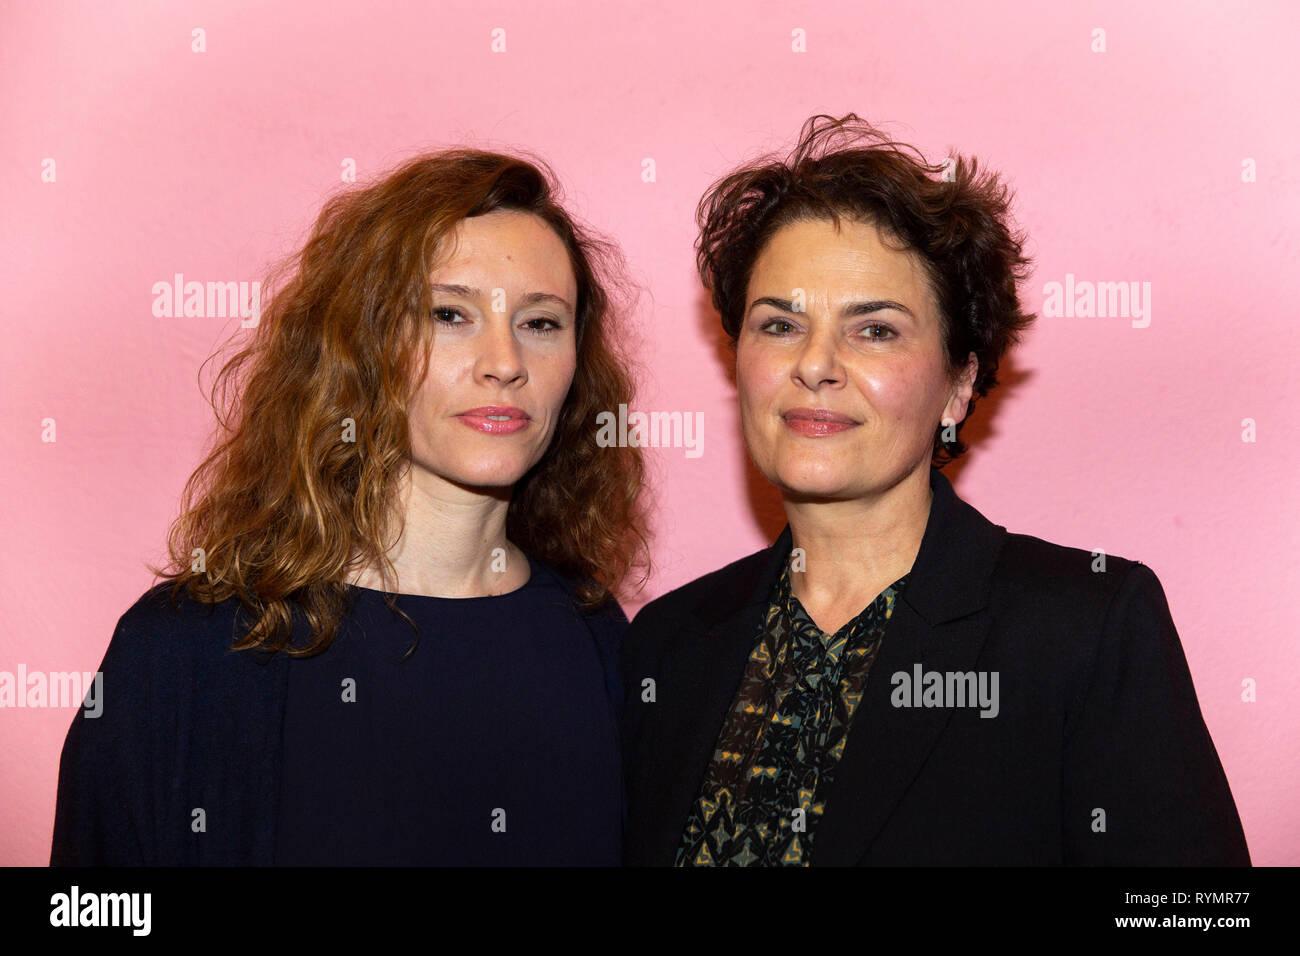 Christine Repond und Barbara Auer bei der Premiere Film Vakuum, Schauspiel Köln, Köln, 13.03.2019 - Stock Image